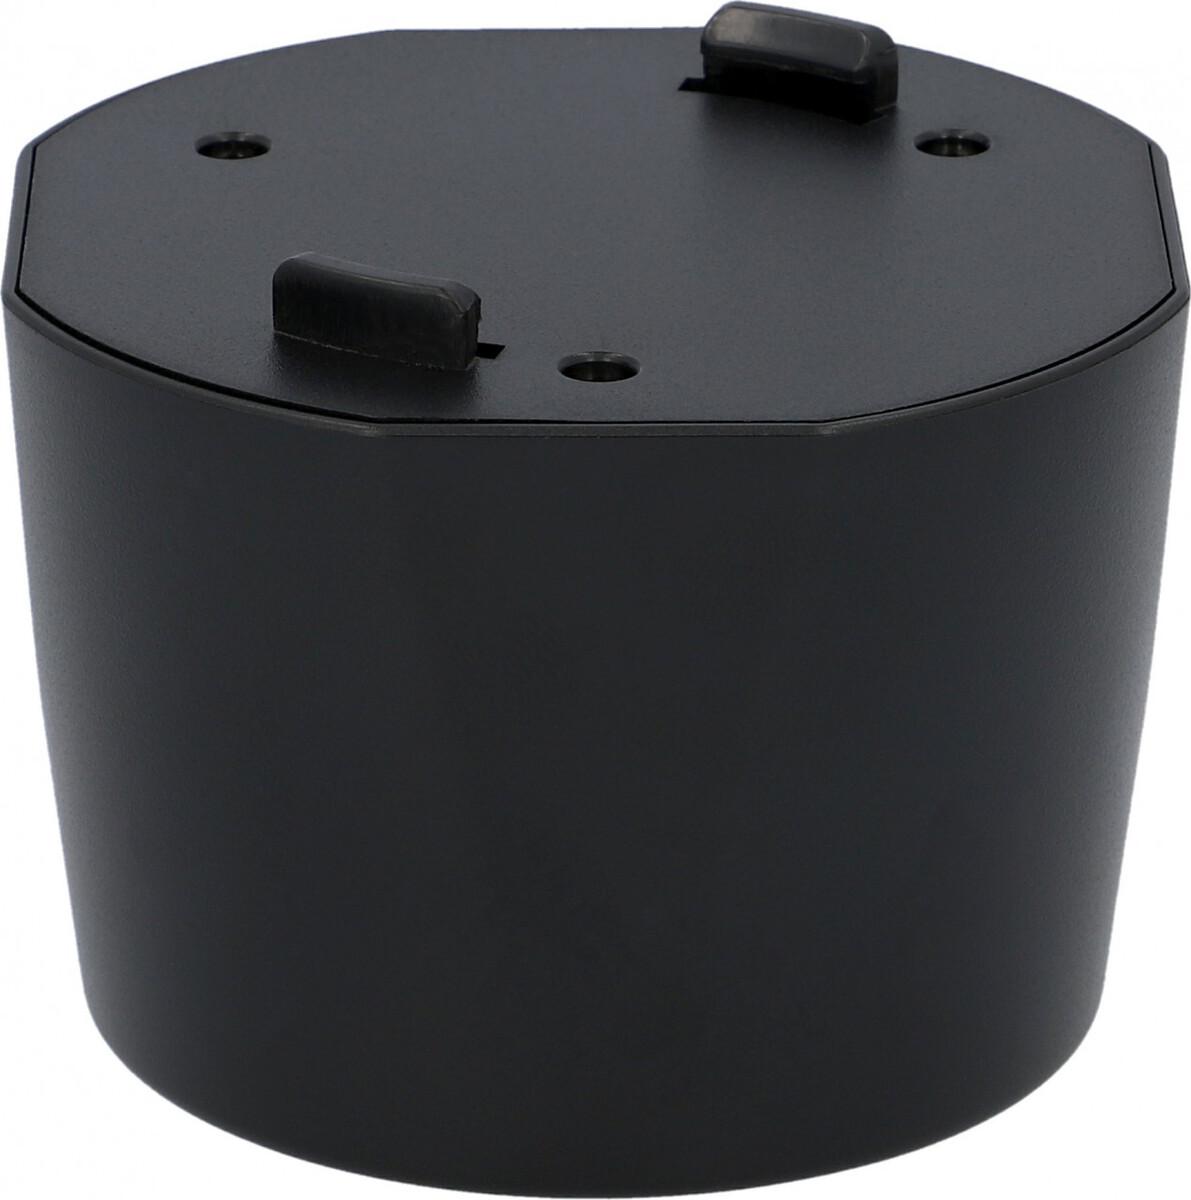 Bild 4 von CarTrend Wireless-Lade Cup